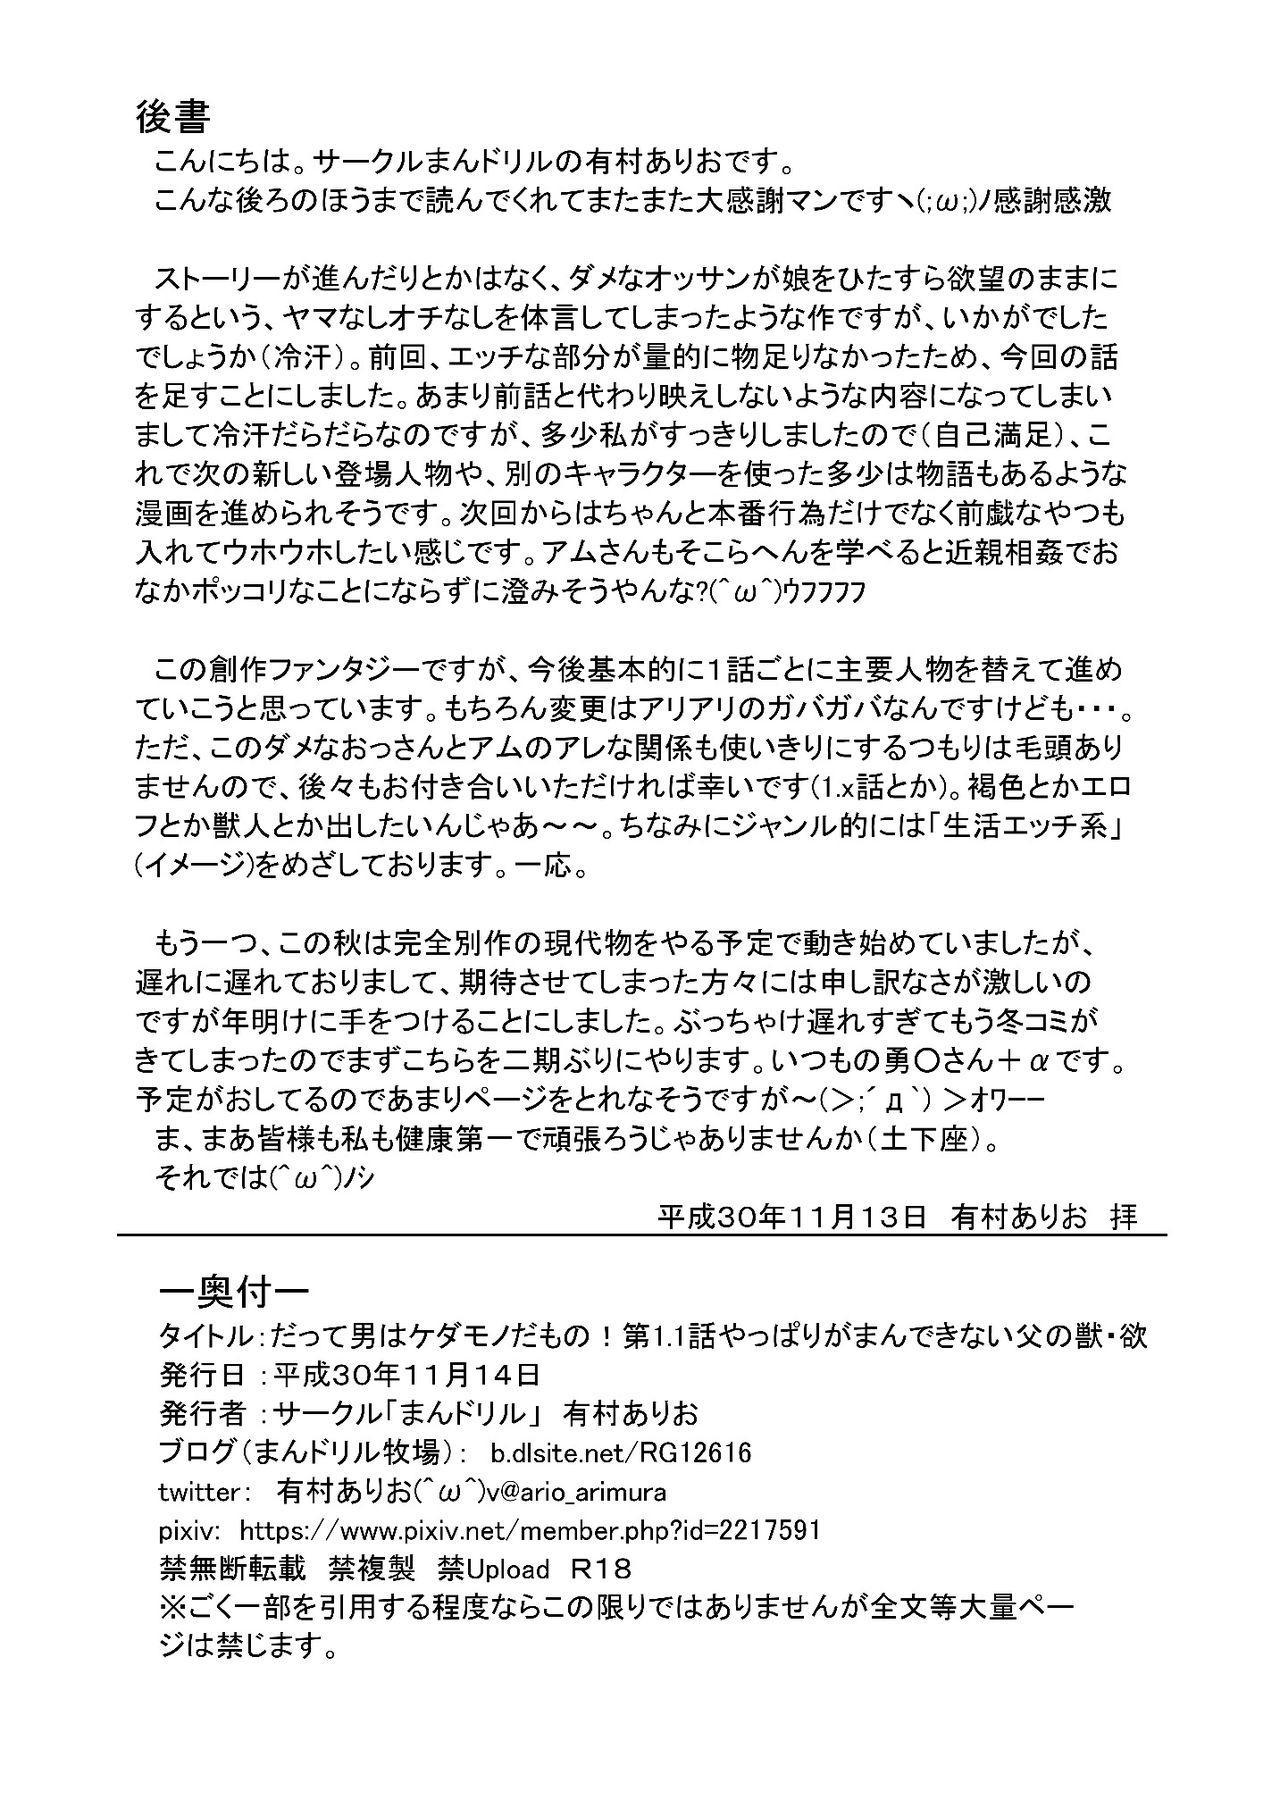 Datte Otoko wa Kedamono da mono! Dai 1.1-wa Yappari Gaman Dekinai Chichi no Juu Yoku 23